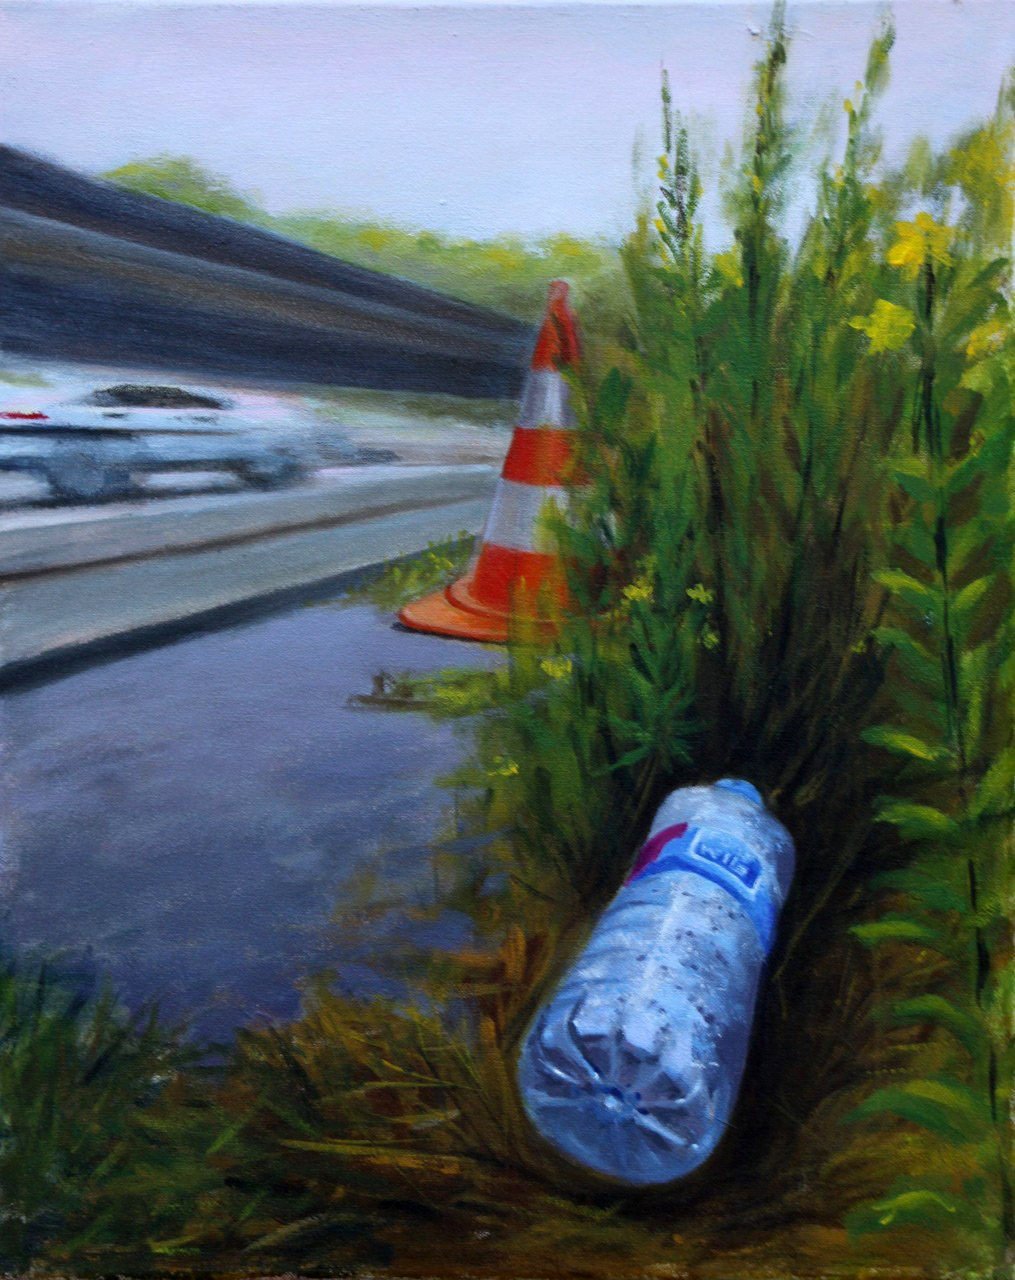 Fokkema_van_den_Berg_Langs de snelweg_Acryl op doek_40X50cm